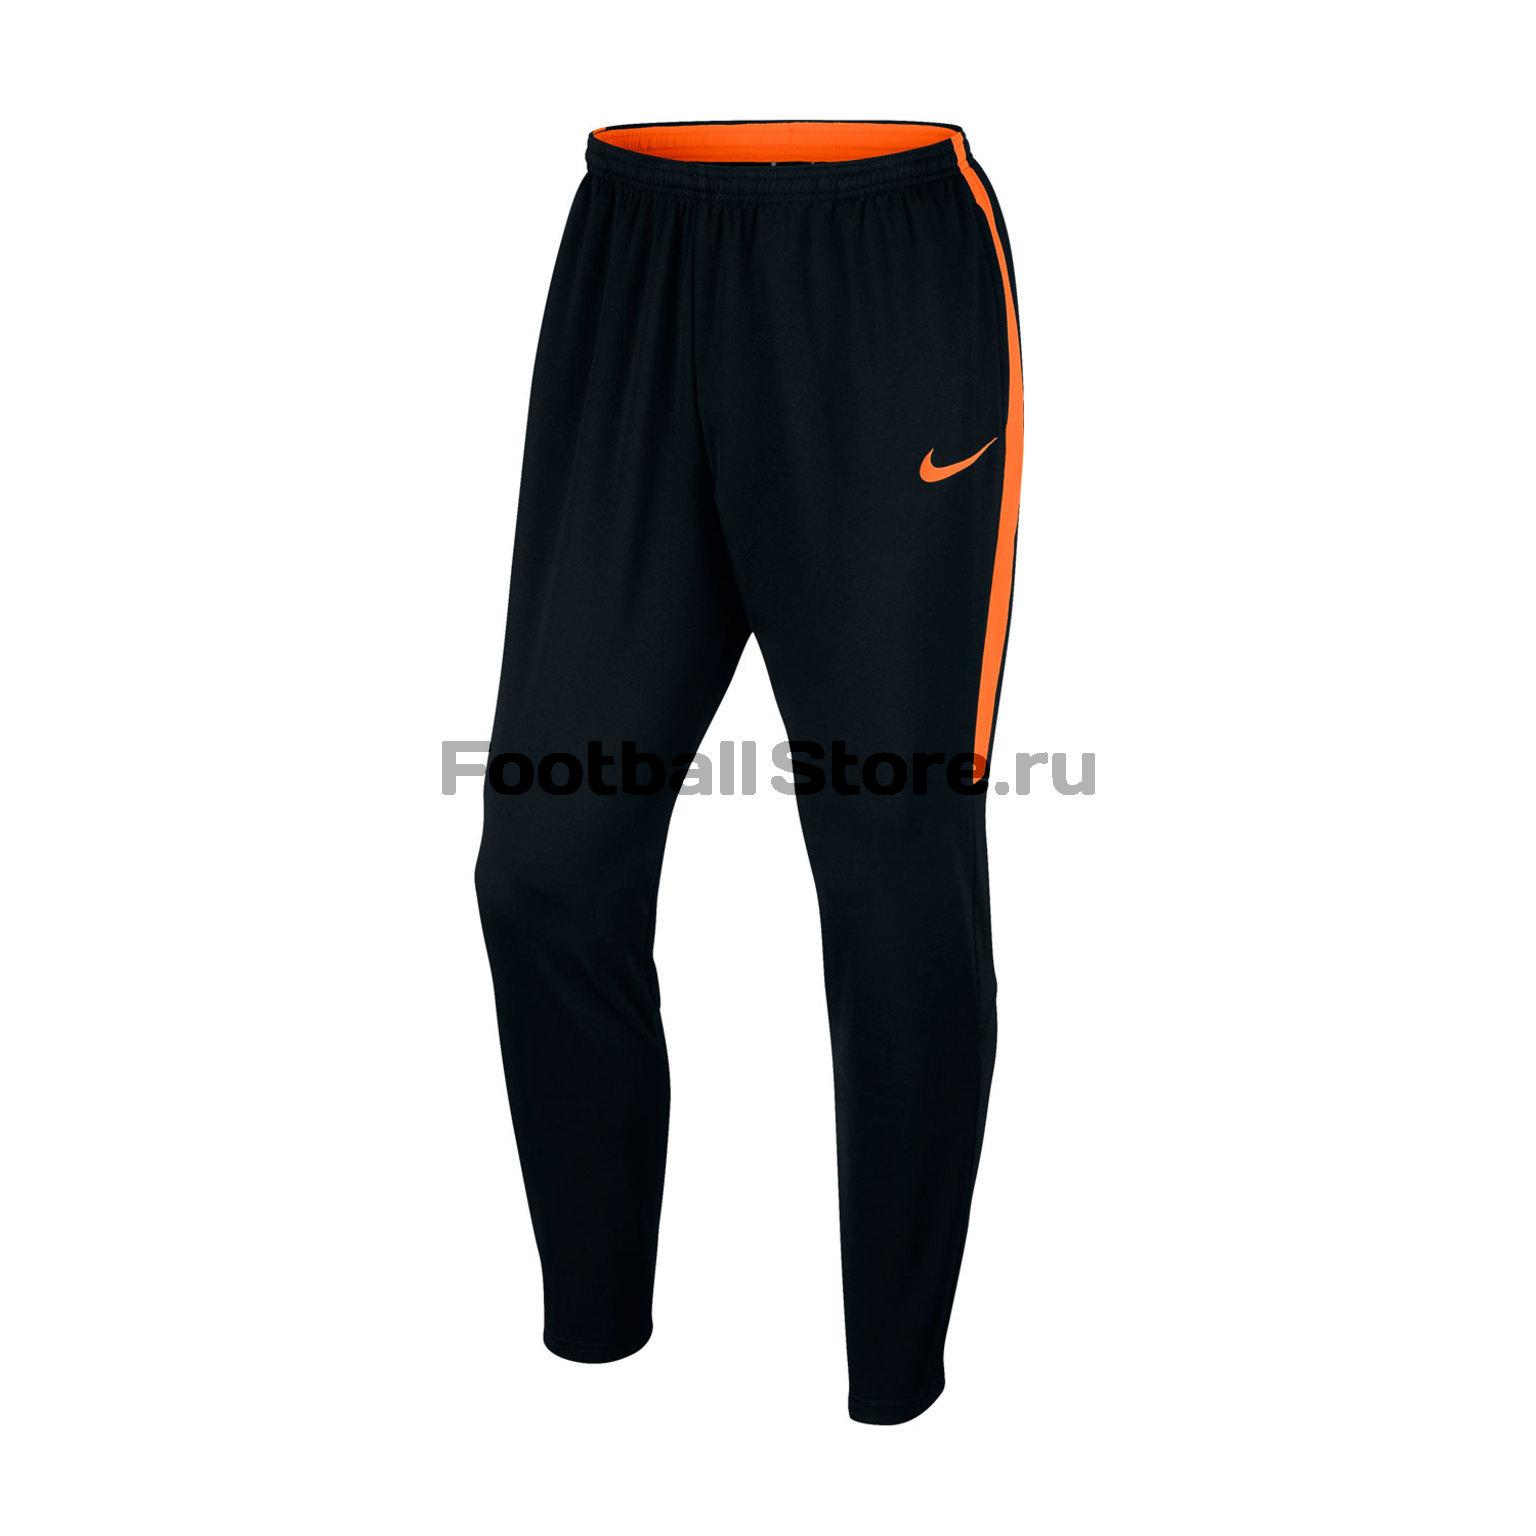 Брюки тренировочные Nike Academy 839363-022